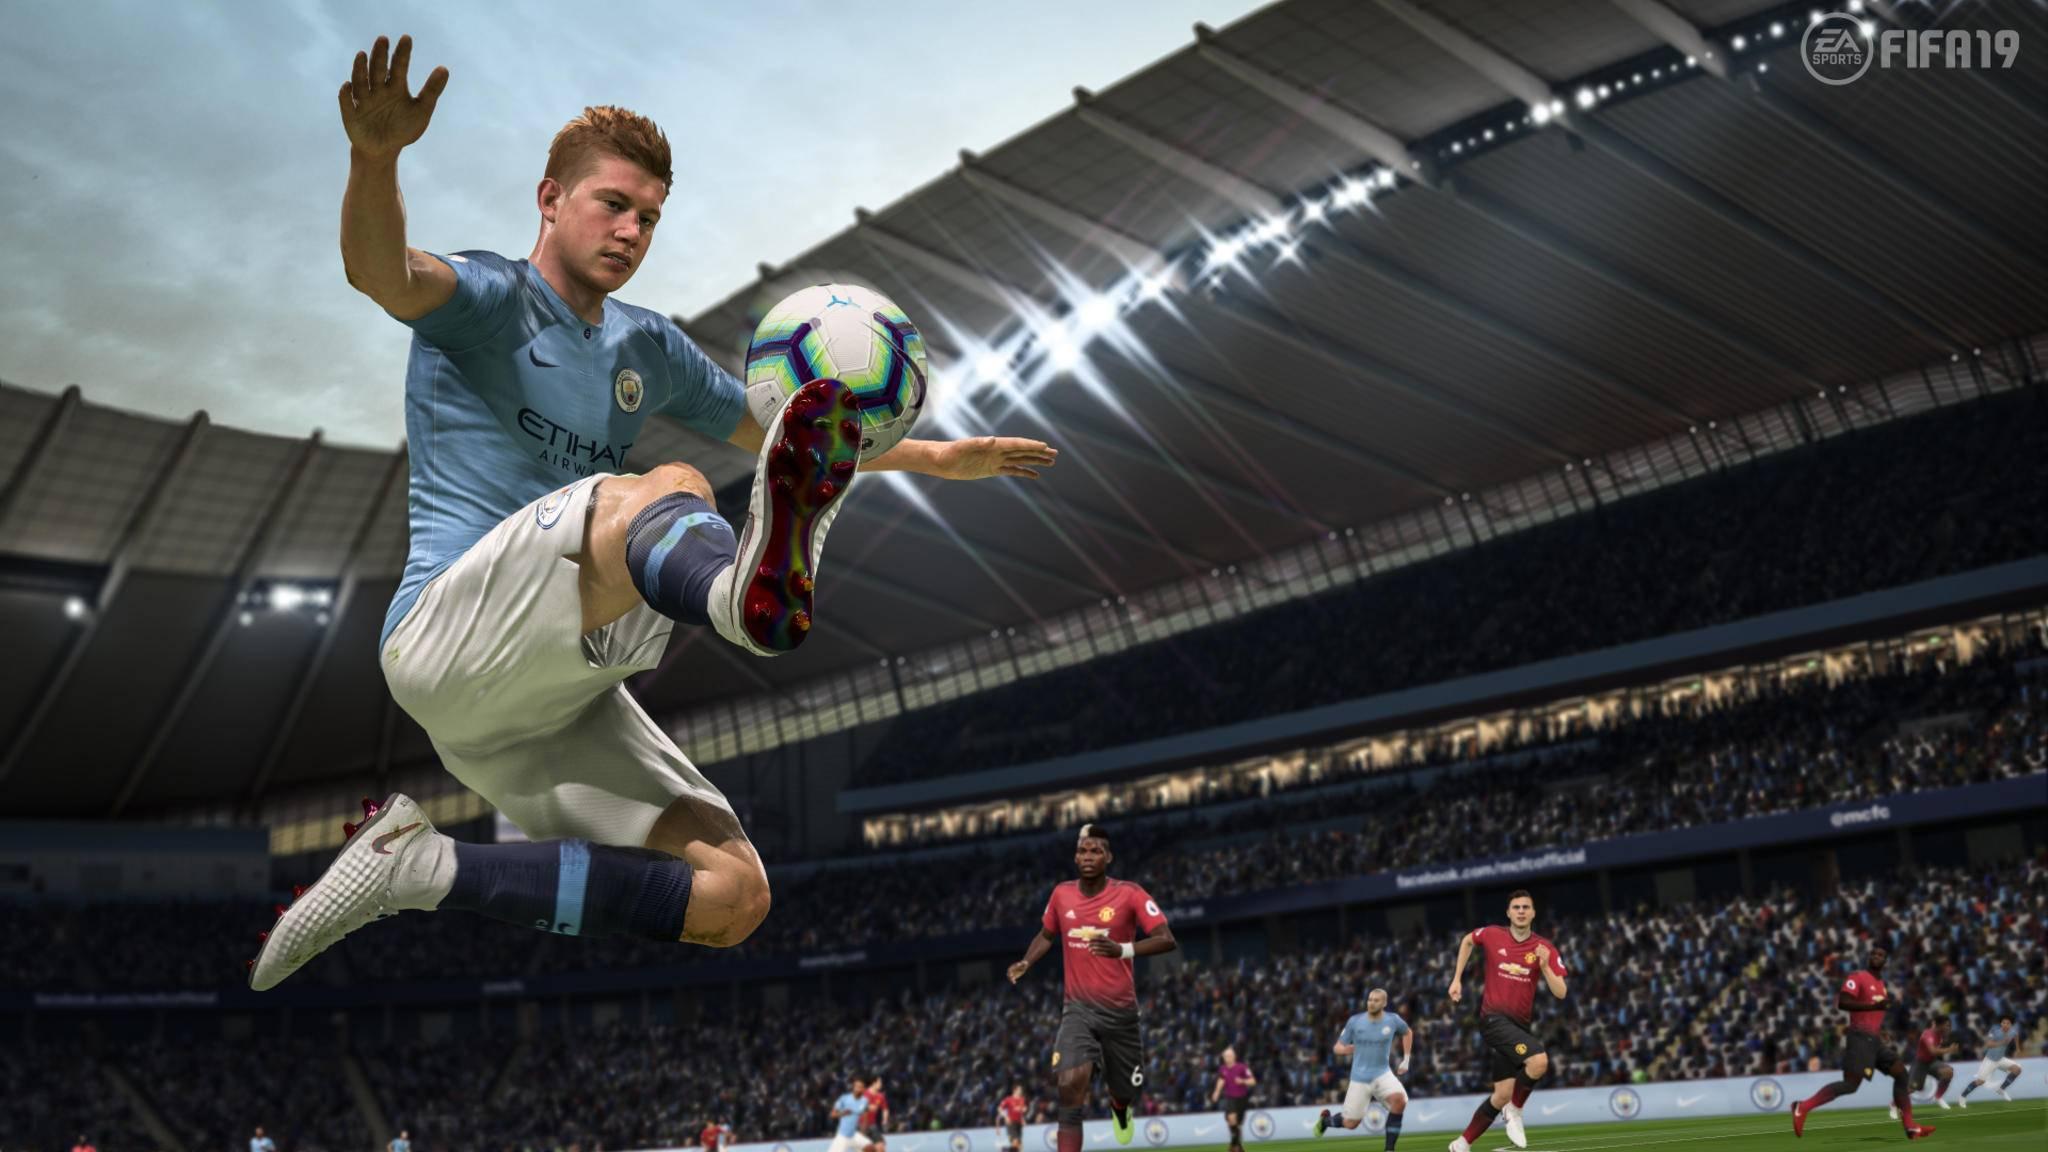 """Gamescom-Preview: Spielt sich """"FIFA 19"""" wirklich anders?"""